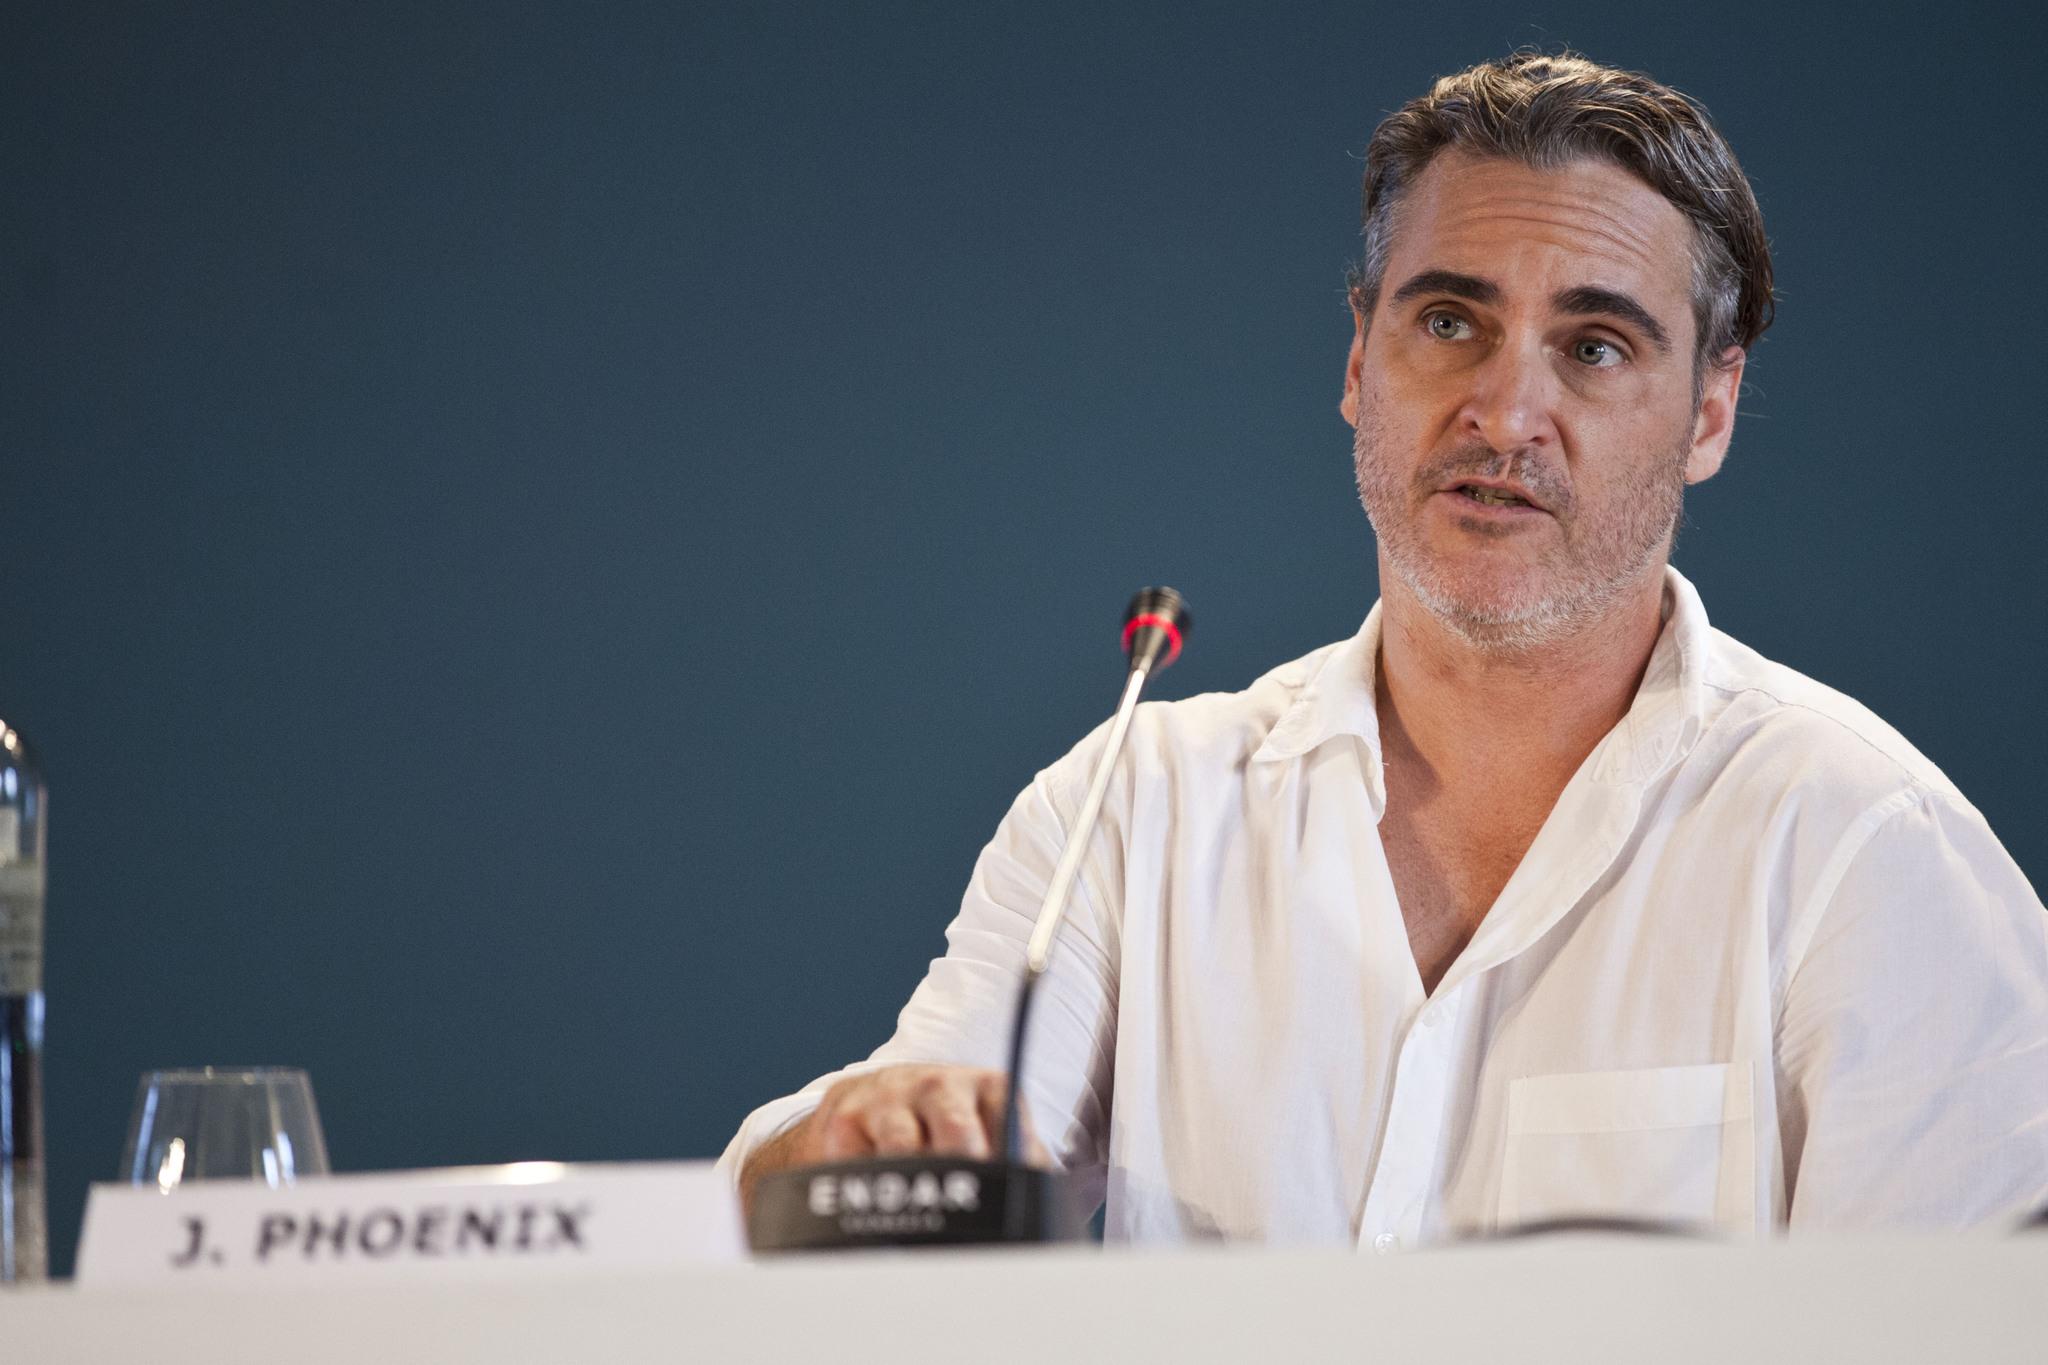 Joaquin Phoenix Conferenza Stampa per Joker film in concorso al Festival del cinema di Venezia 1